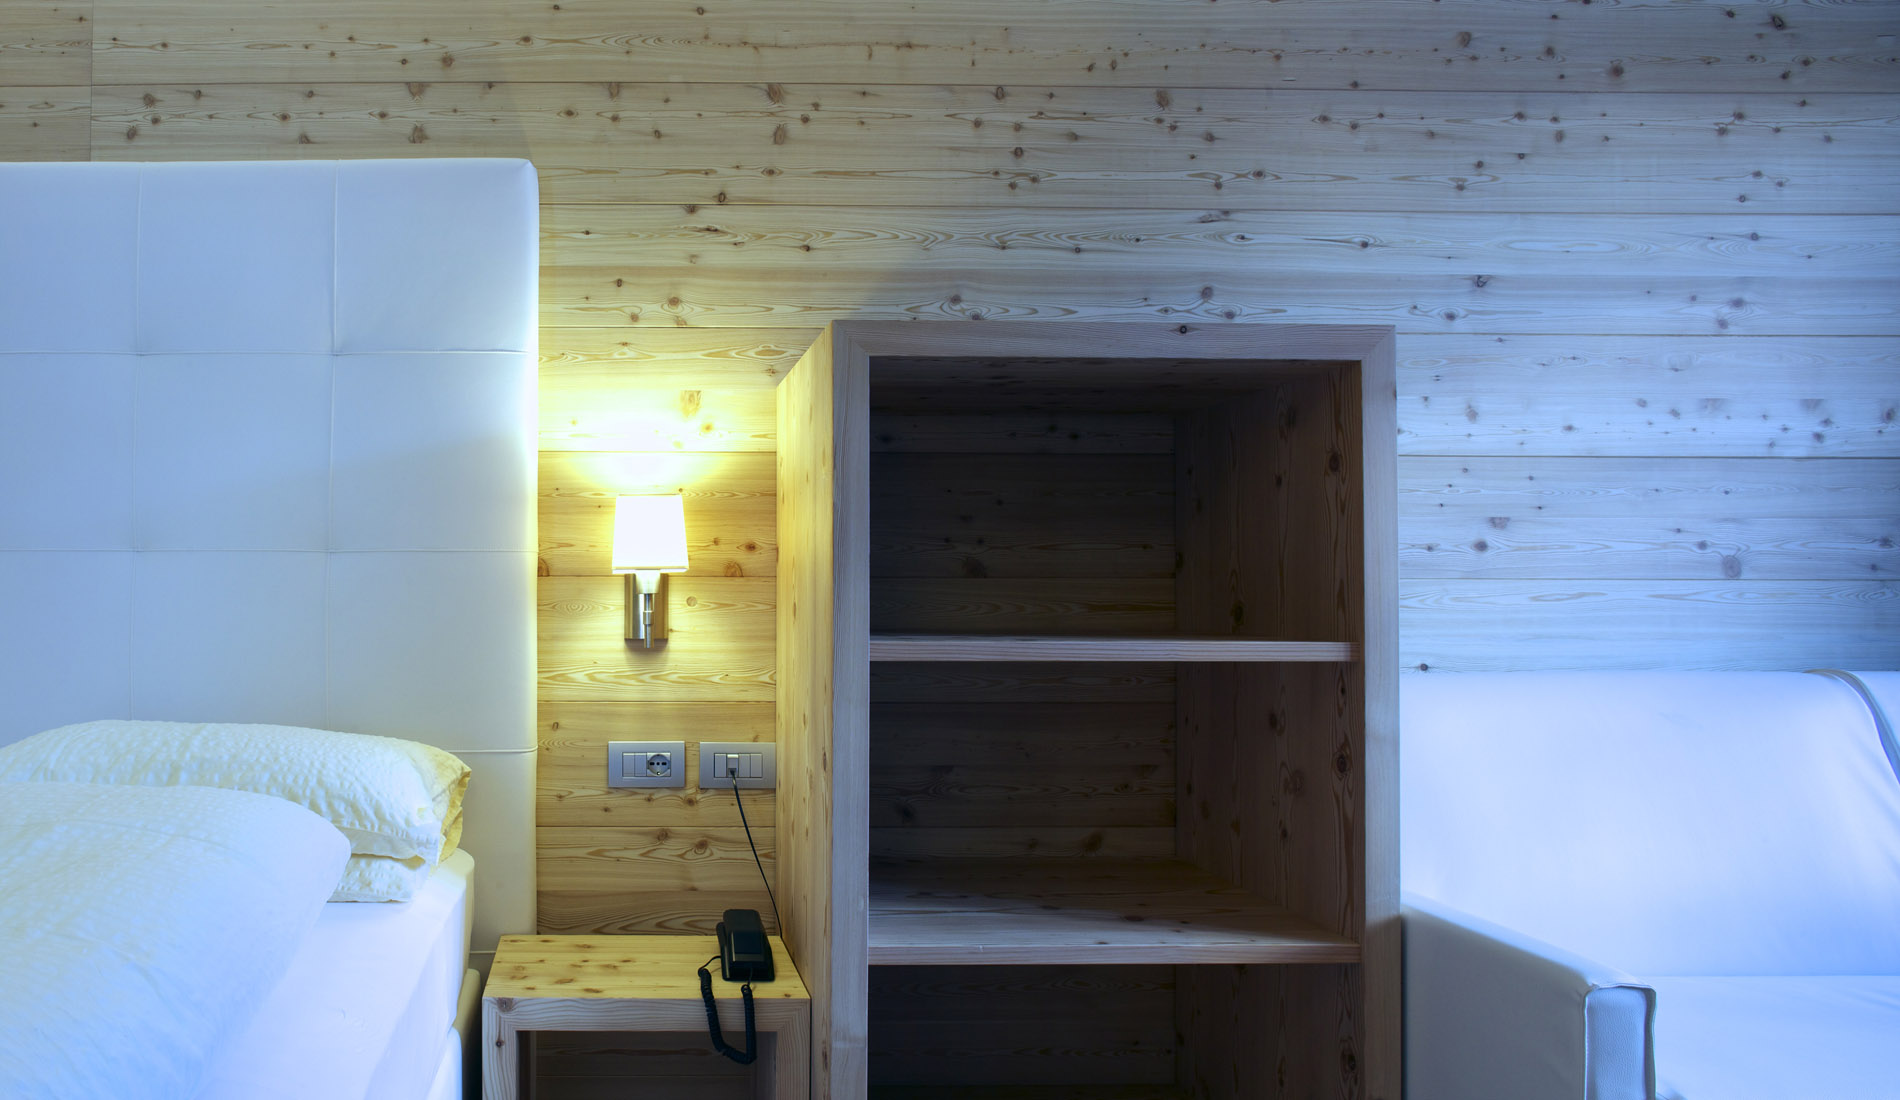 Camere superior per vacanze in trentino hotel costabella - Alberghi con camere a tema ...